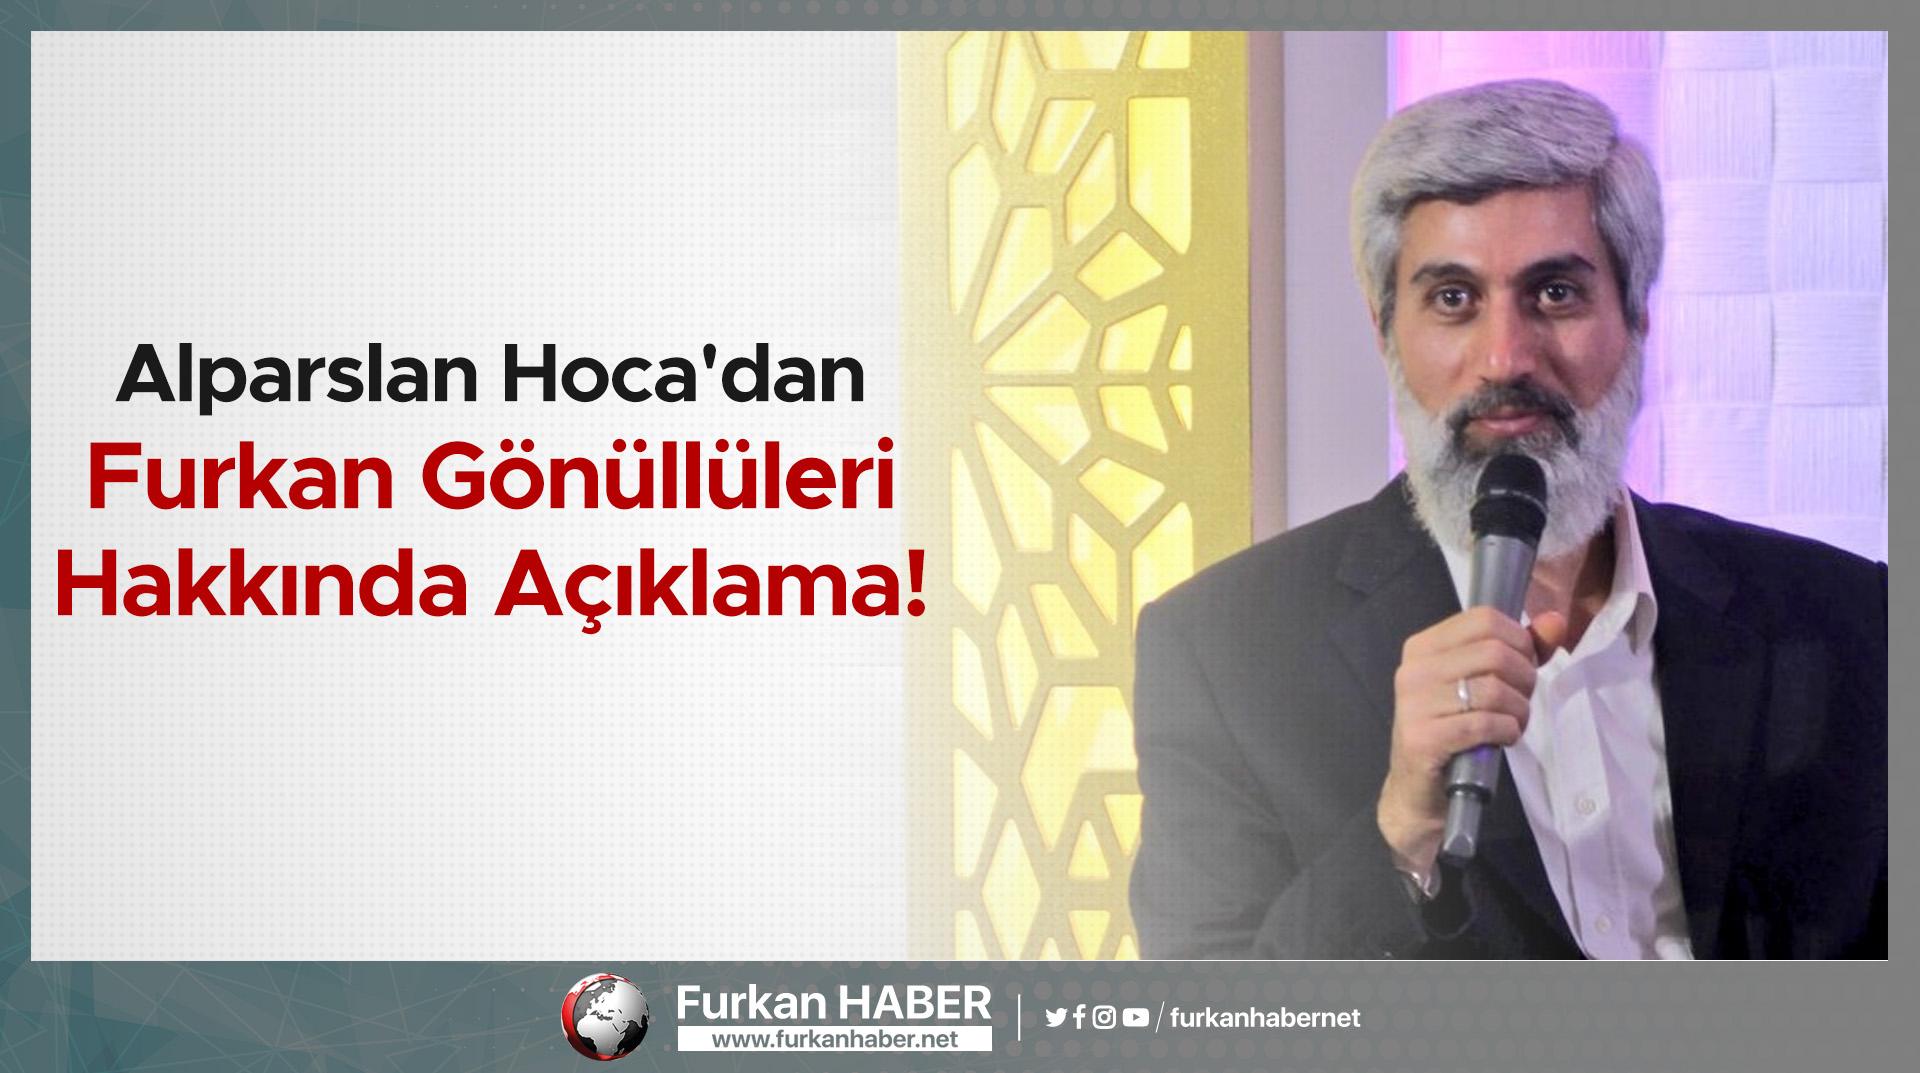 Alparslan Hoca'dan Furkan Gönüllüleri Hakkında Açıklama!